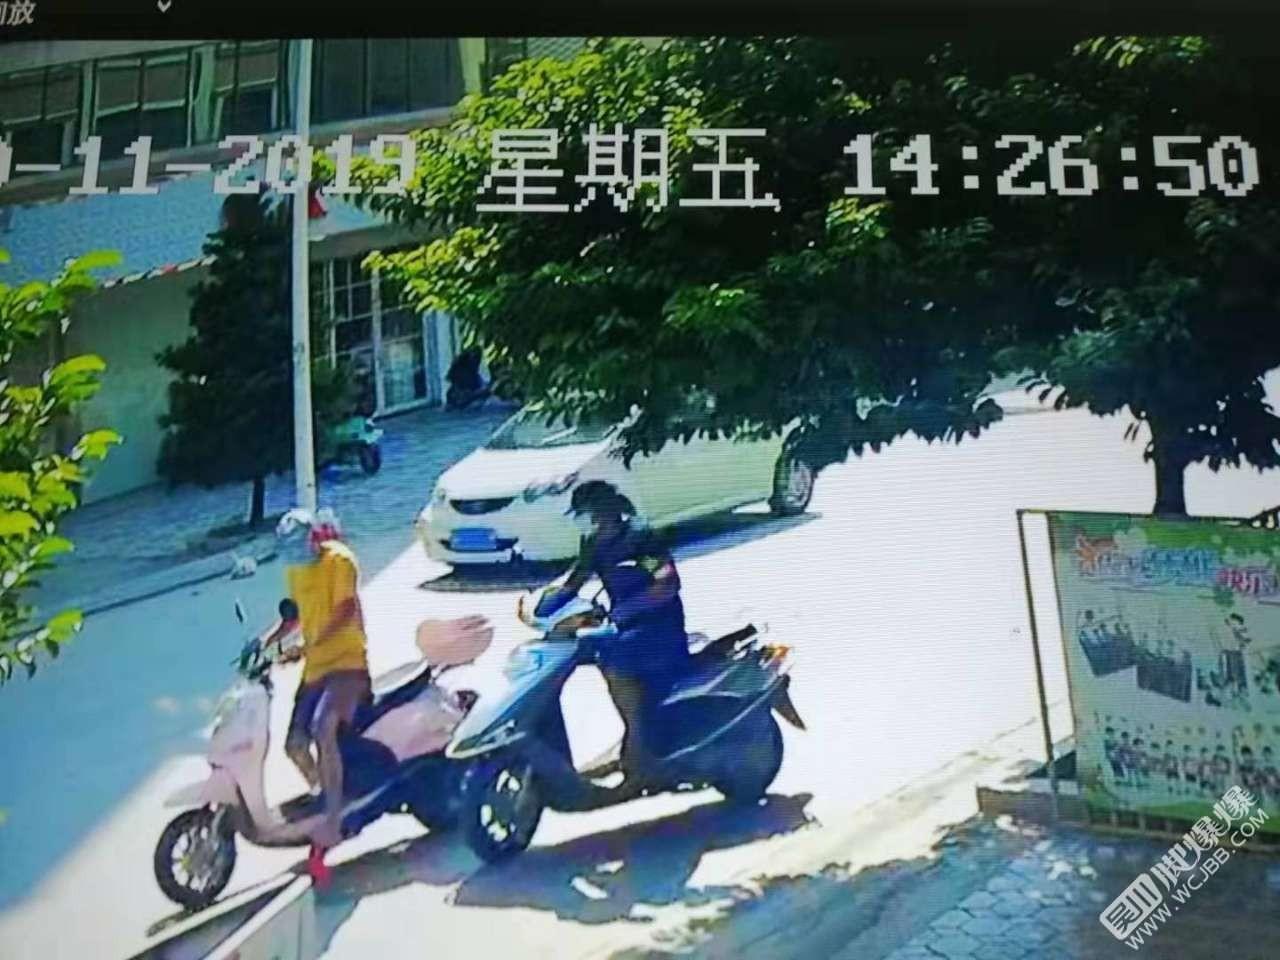 同一伙偷車賊???